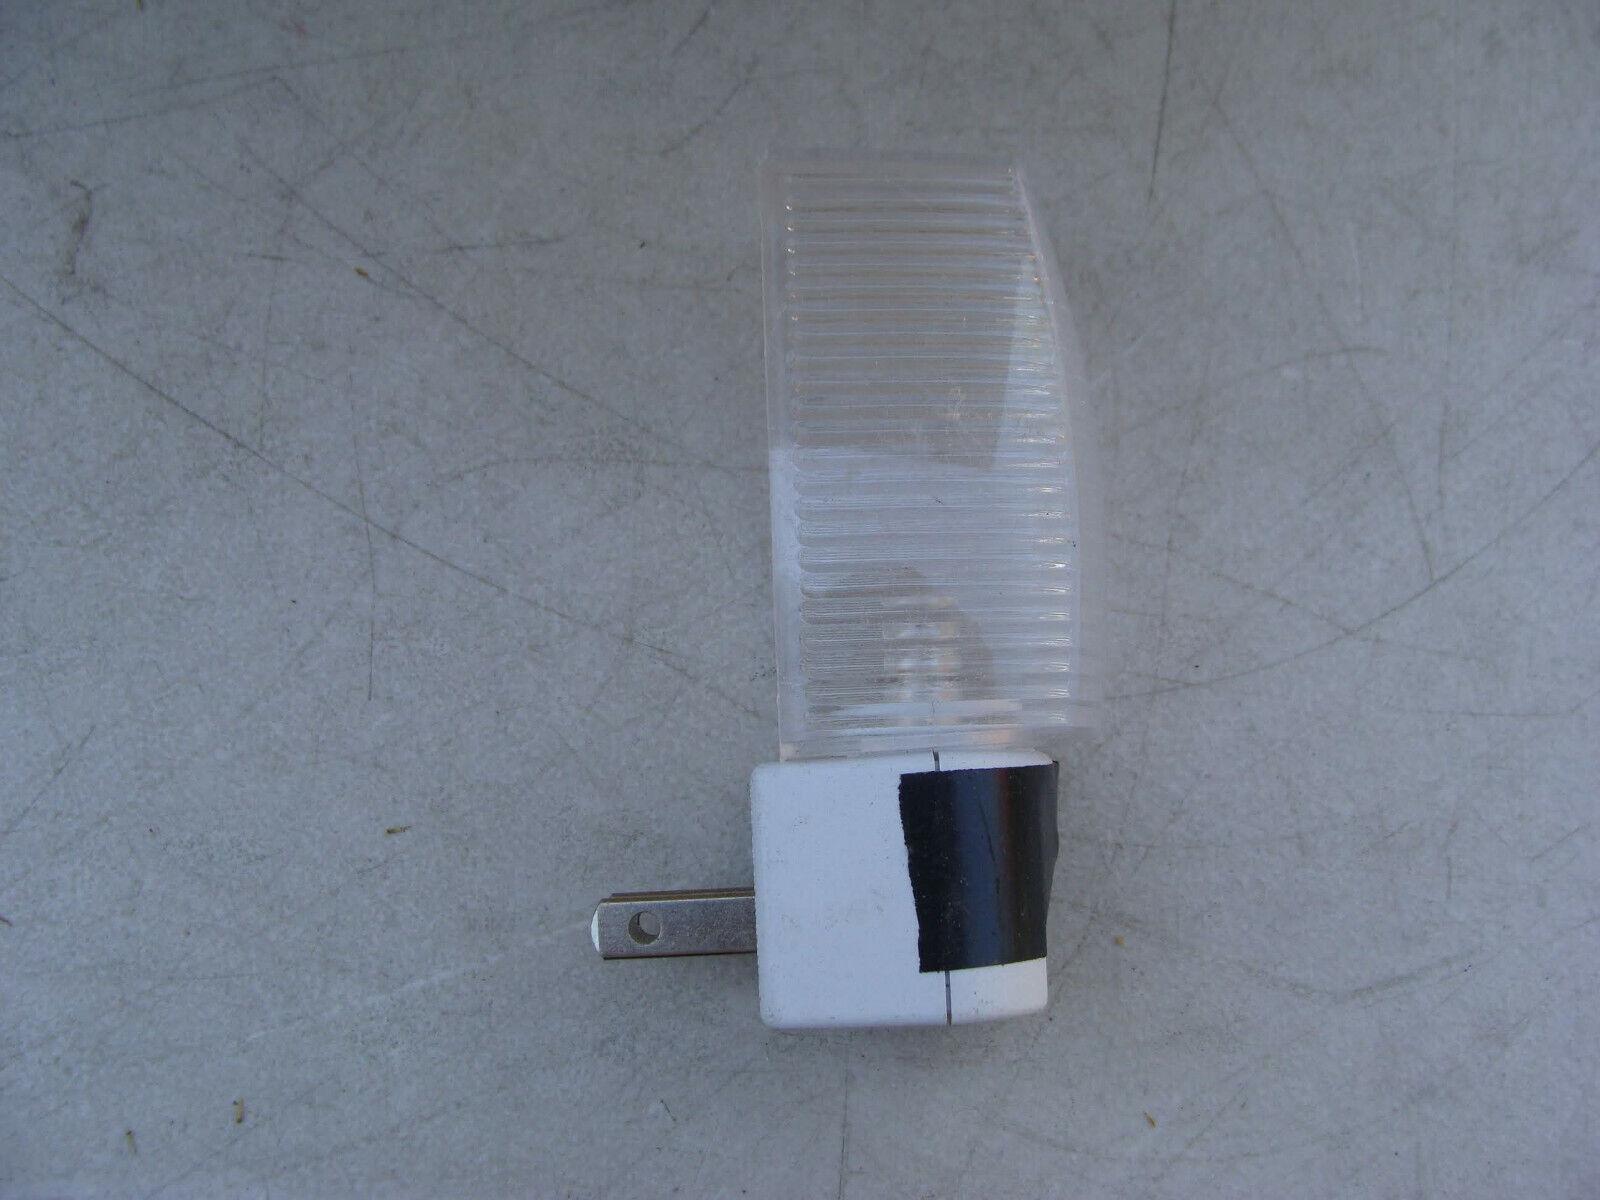 Lot of 13 - Intertek 3160817 Night Light